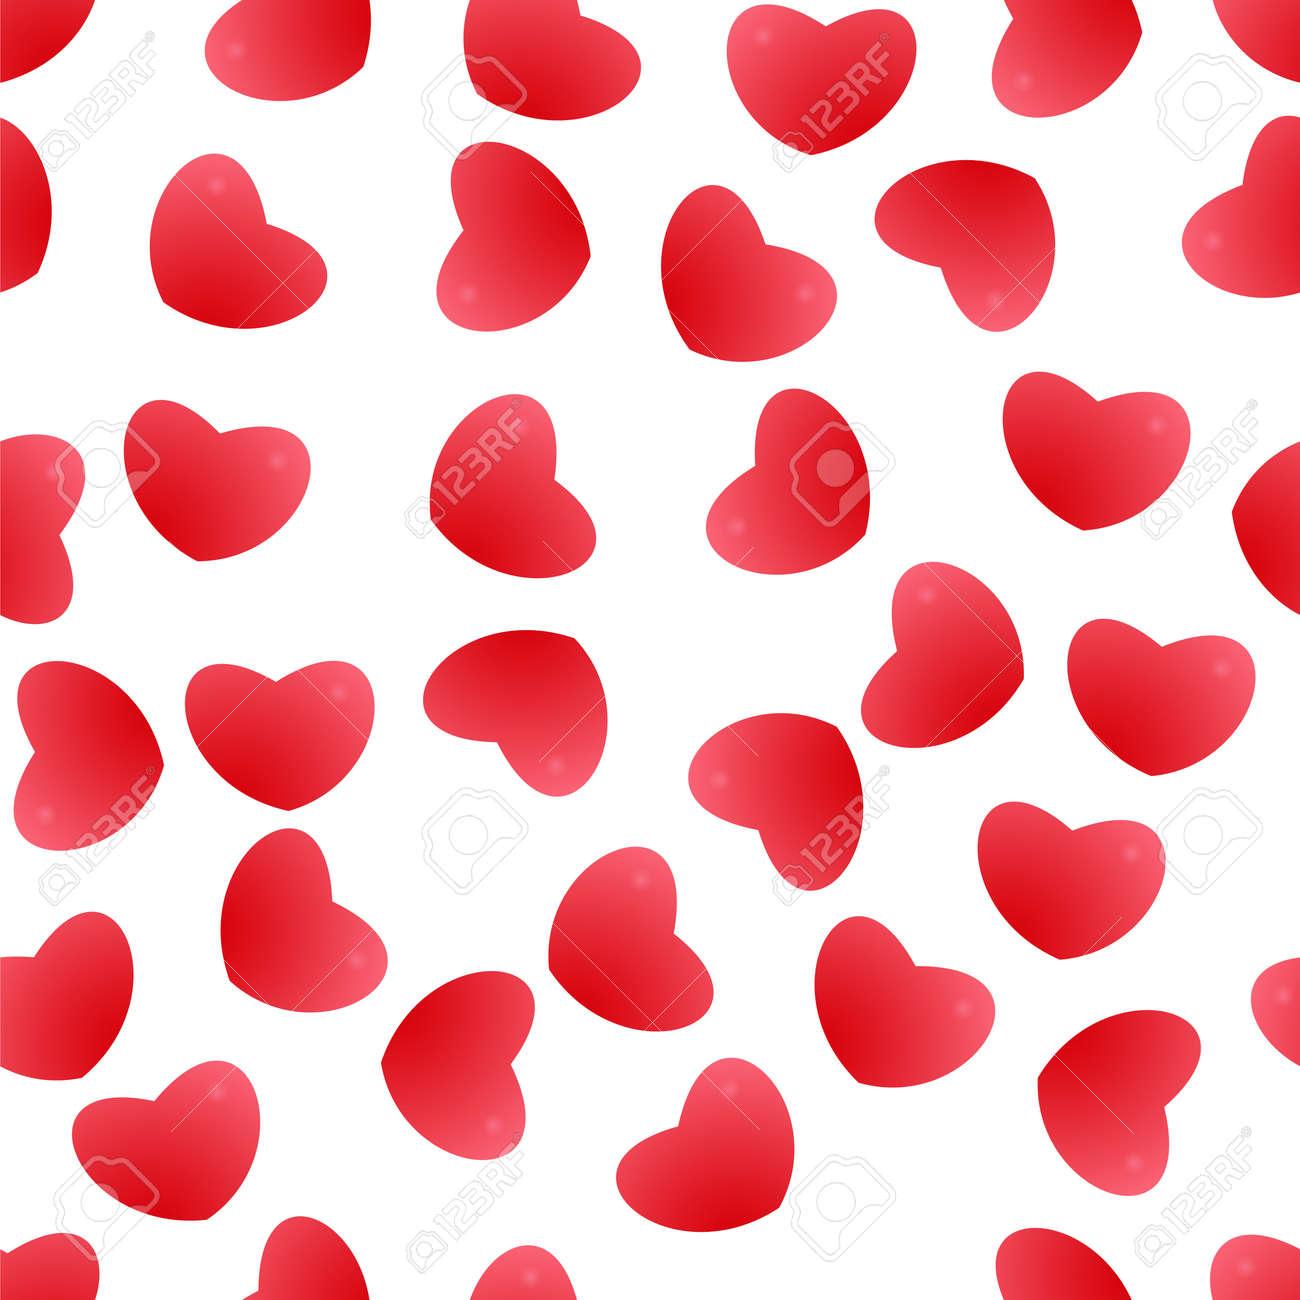 Sfondo Di Cuori Rossi Modello Senza Soluzione Di Continuità Per Biglietti Di Auguri Matrimonio Compleanno Congratulazioni Festa Illustrazione